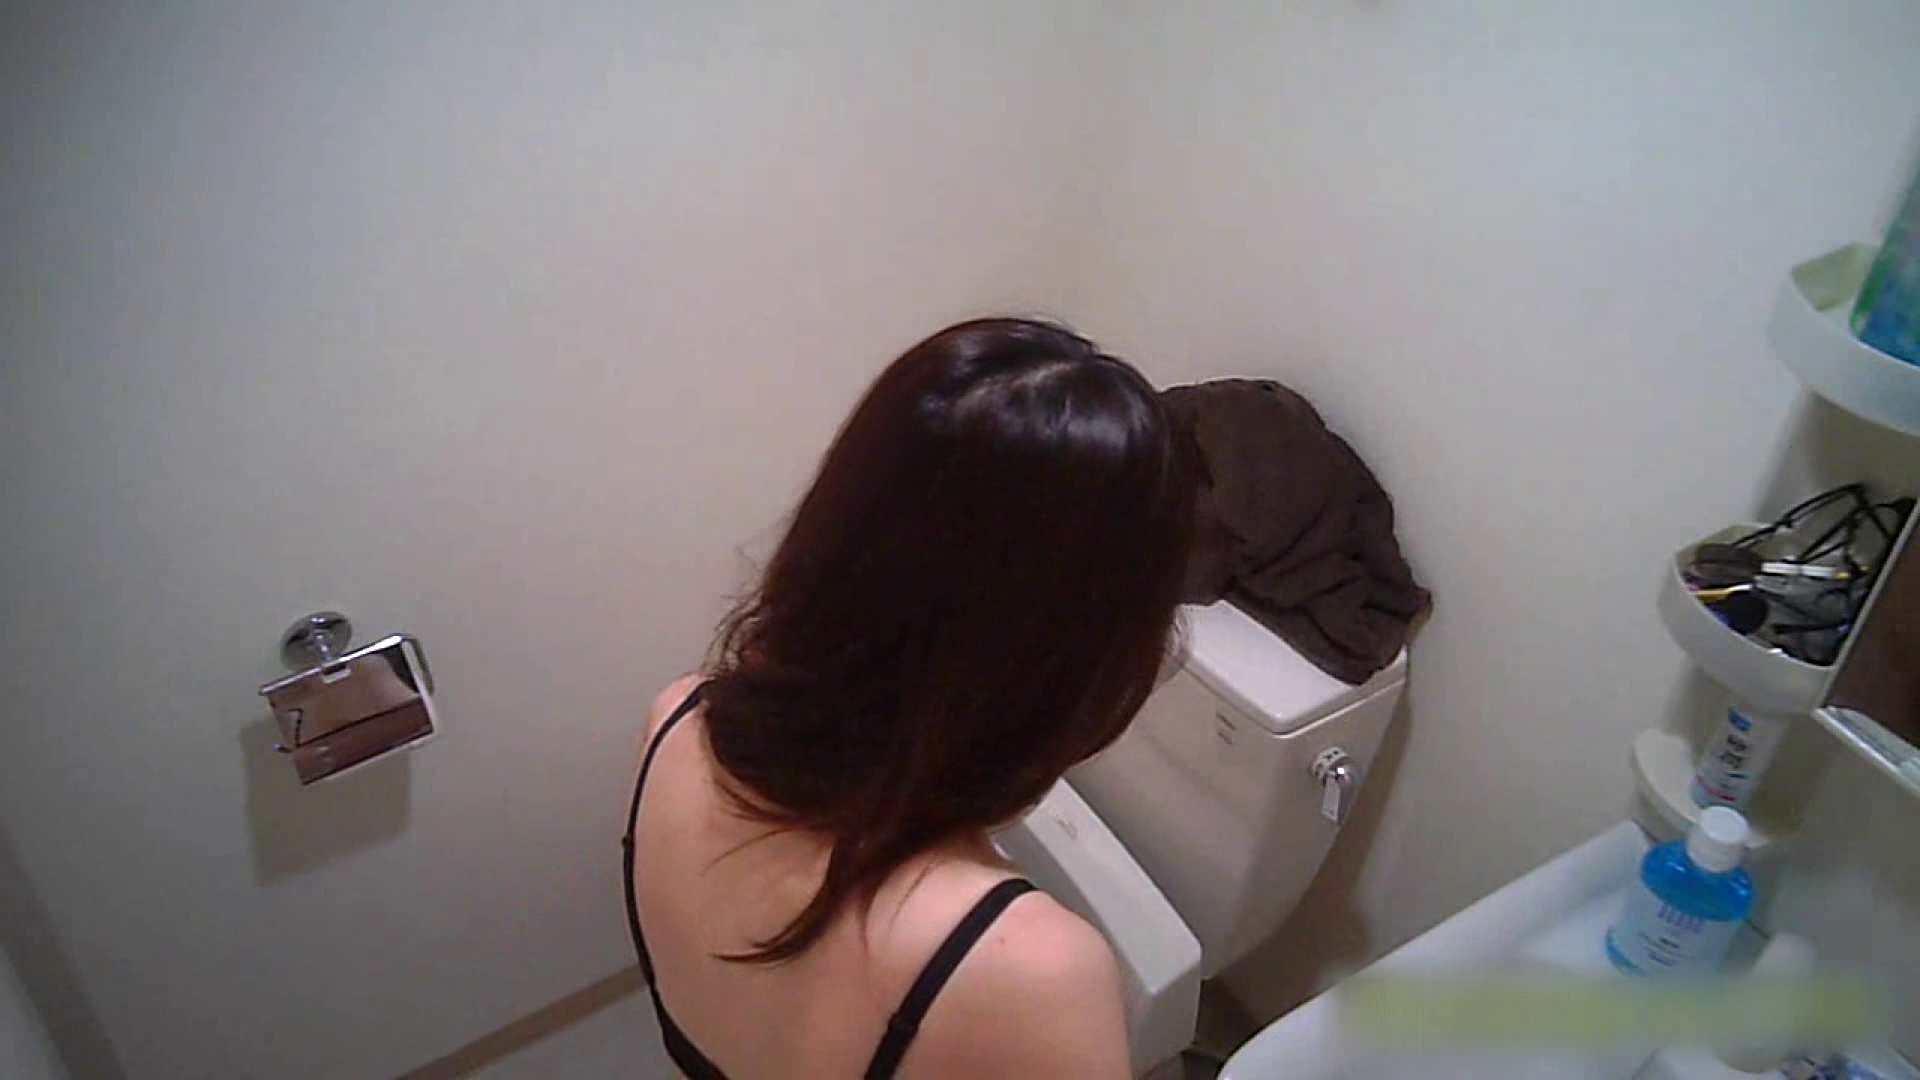 元気いっぱいノリノリ系なB子23歳(仮名)Vol.01 トイレ着替え編 トイレ | 着替えハメ撮り  73画像 29